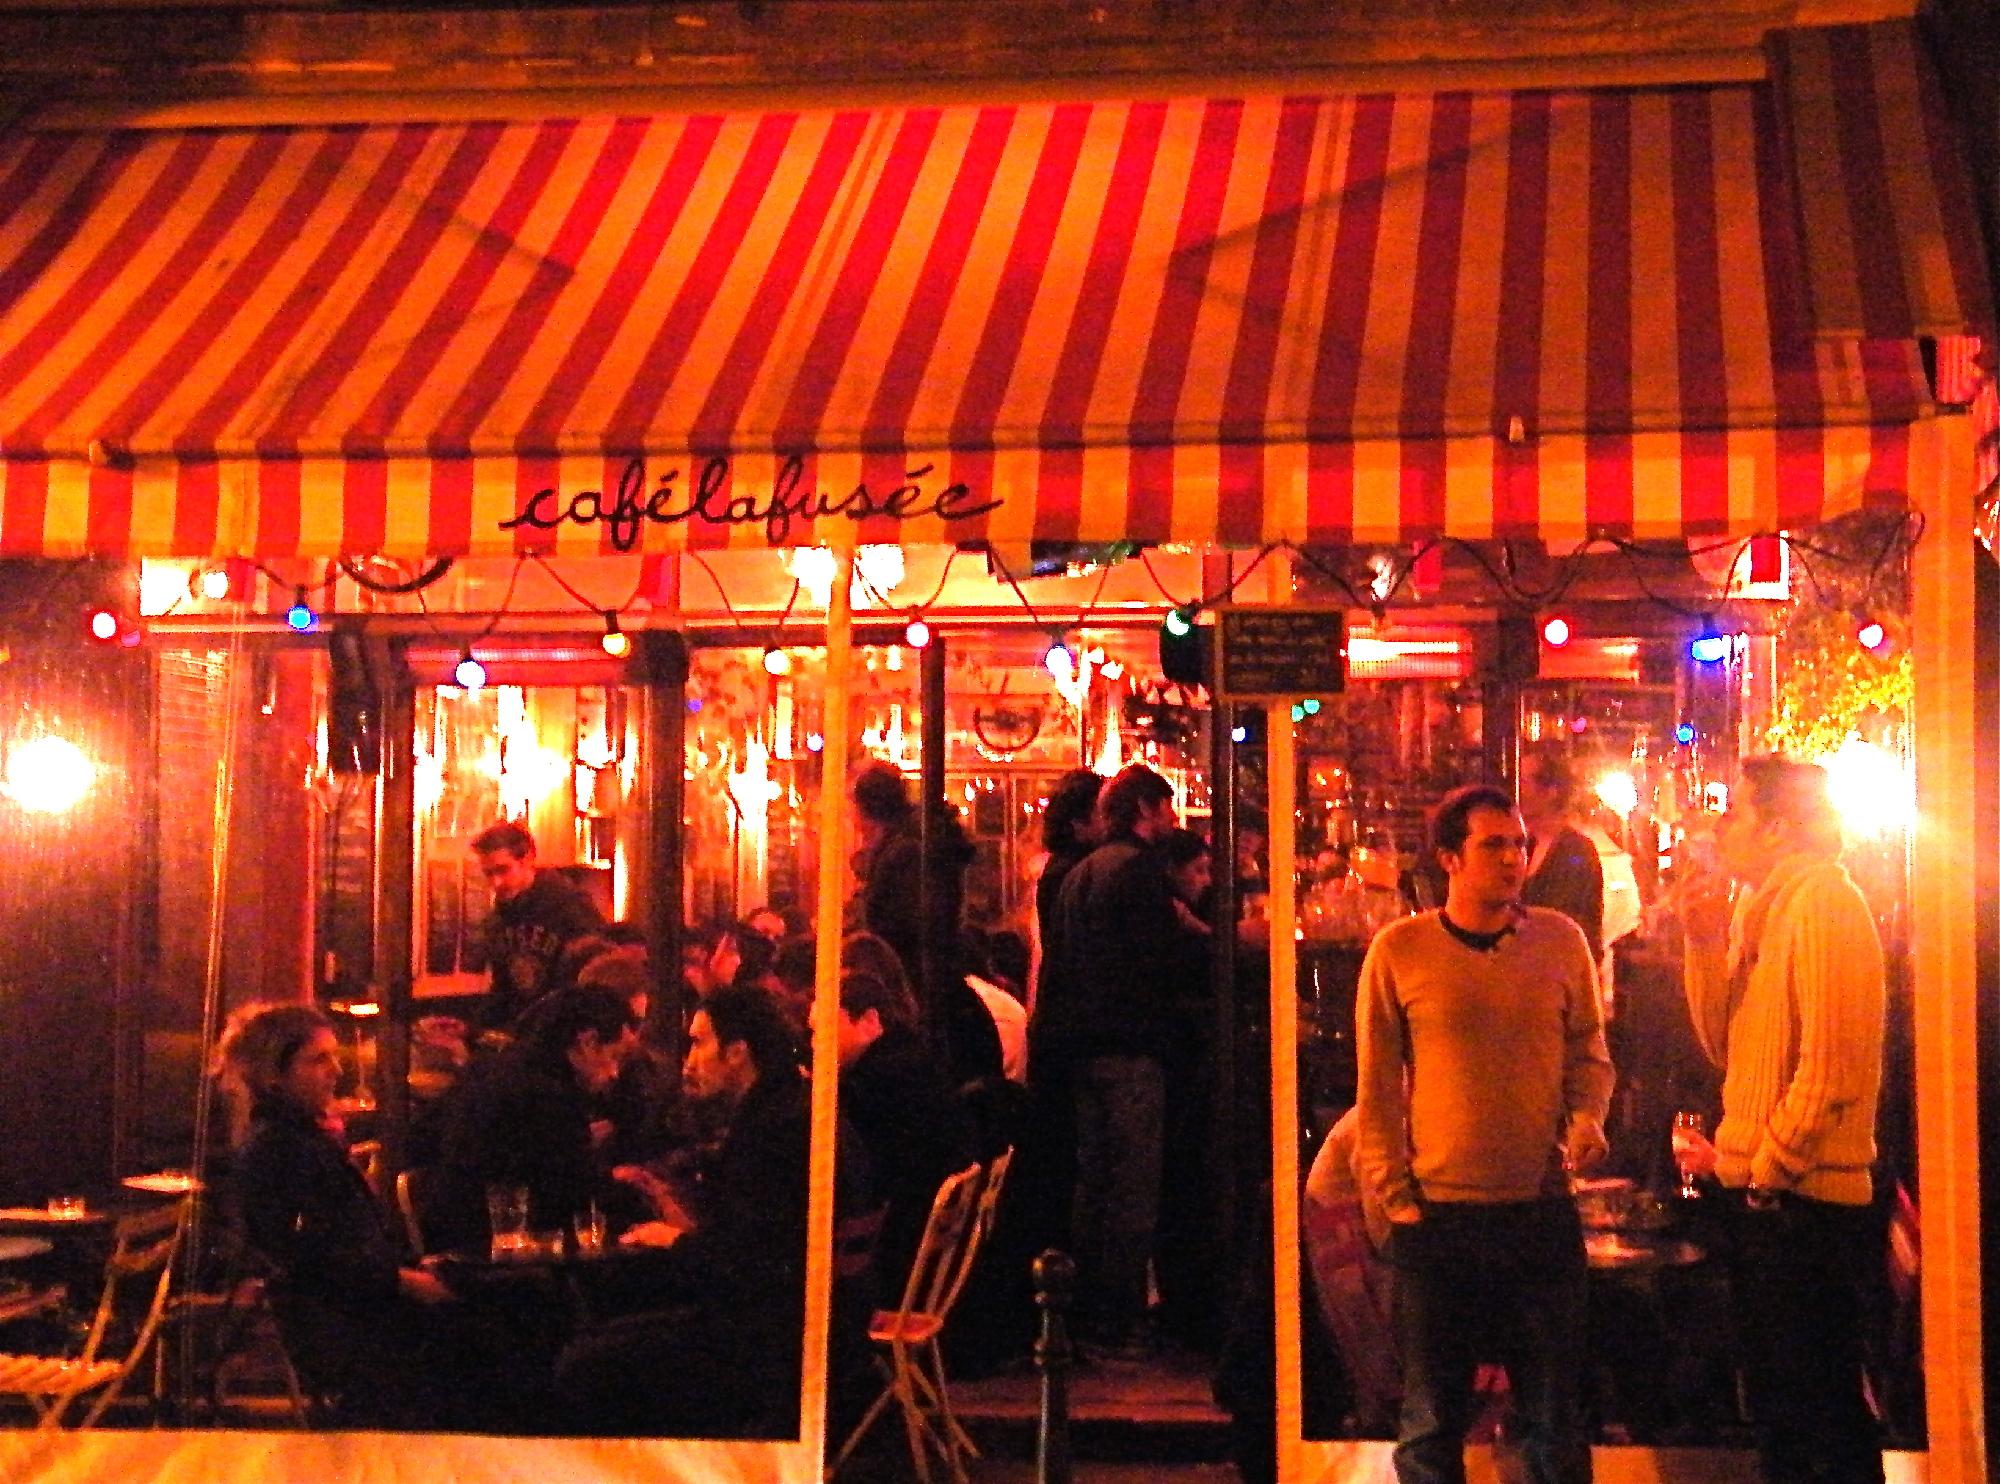 café thé vin charcuterie fromage live bar la fusée beaubourg terrasse concert jazz musique verre pâtisserie centre pompidou chaleureux ambiance